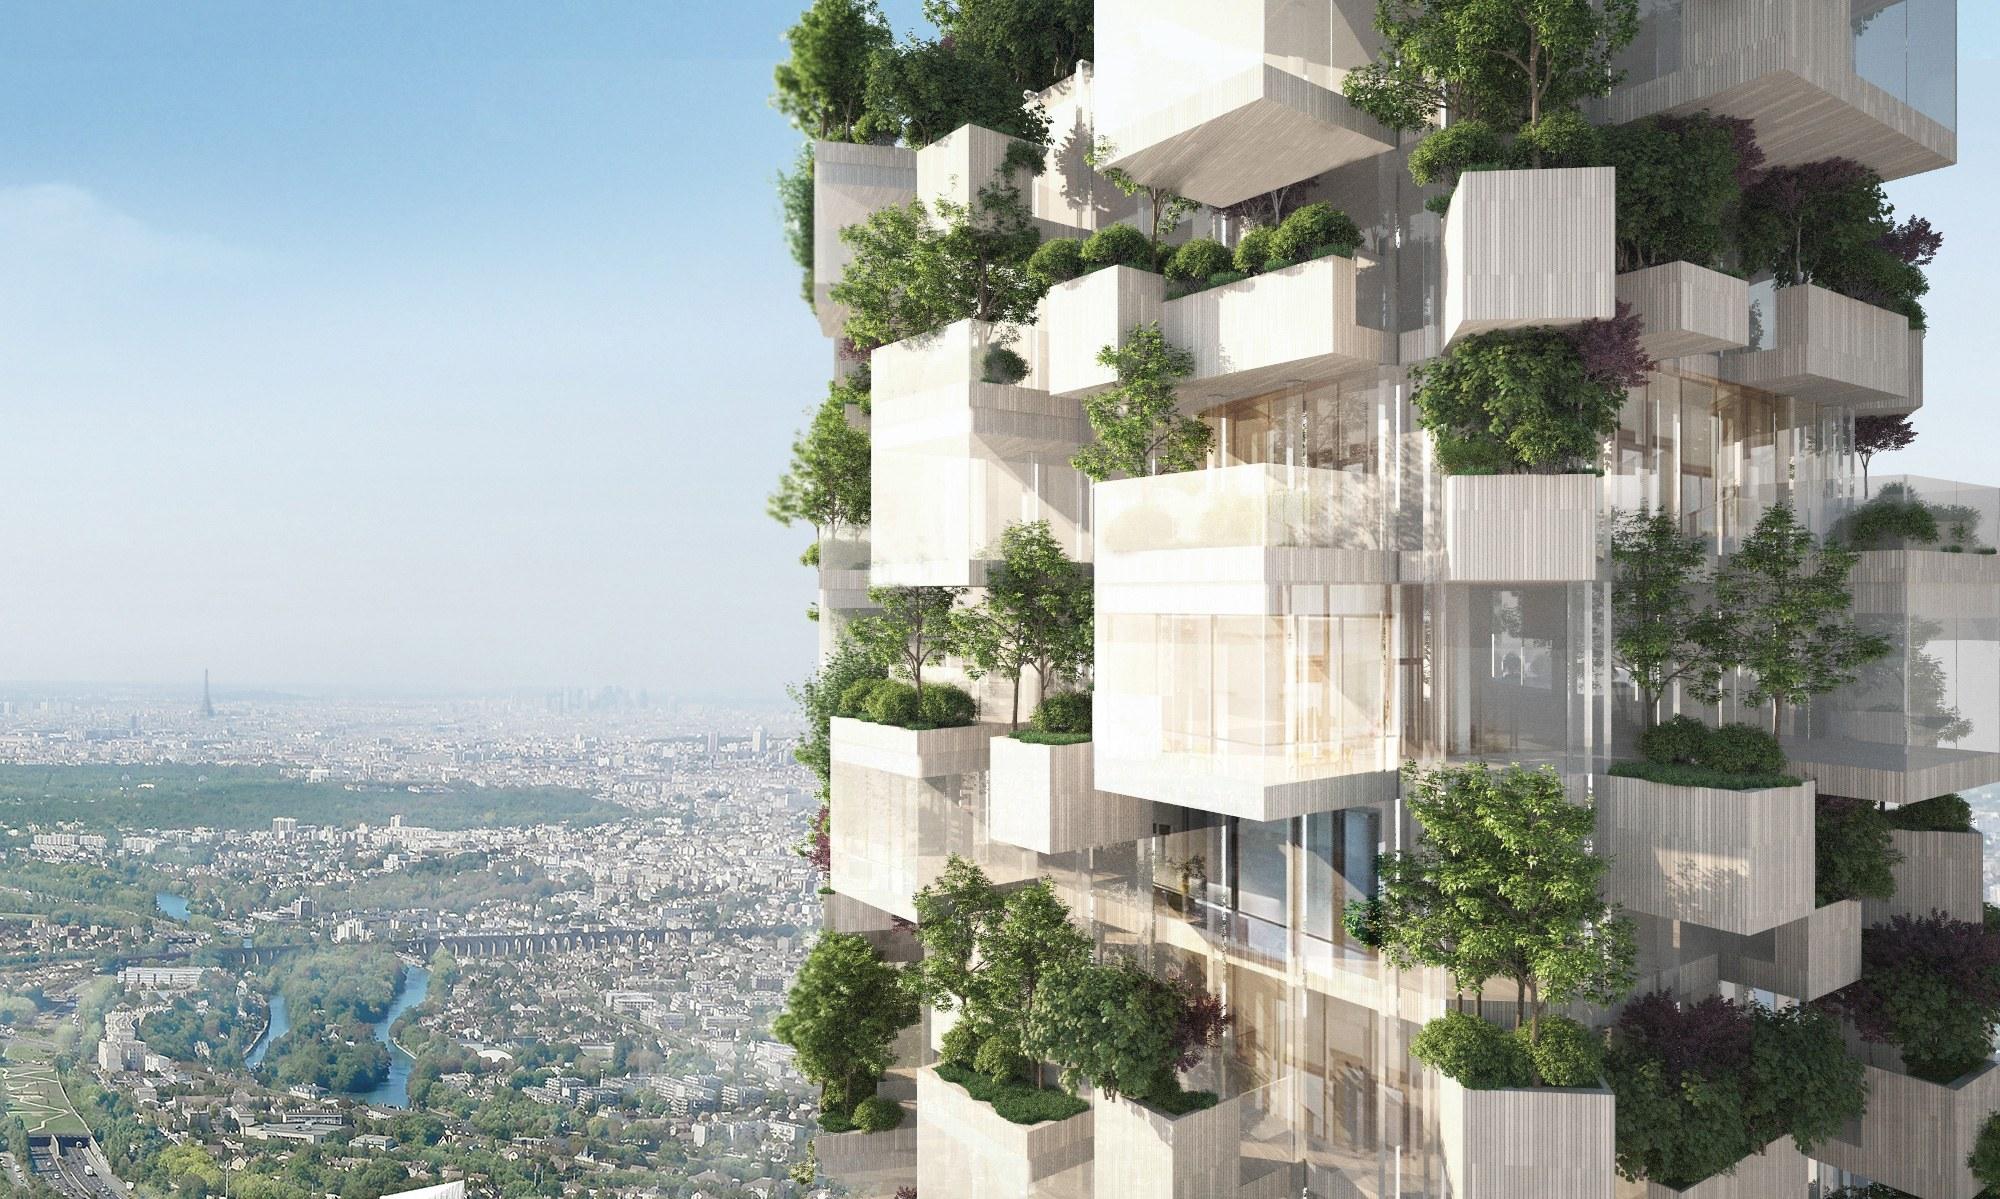 La grande bellezza del Bosco Verticale arriva anche a Parigi